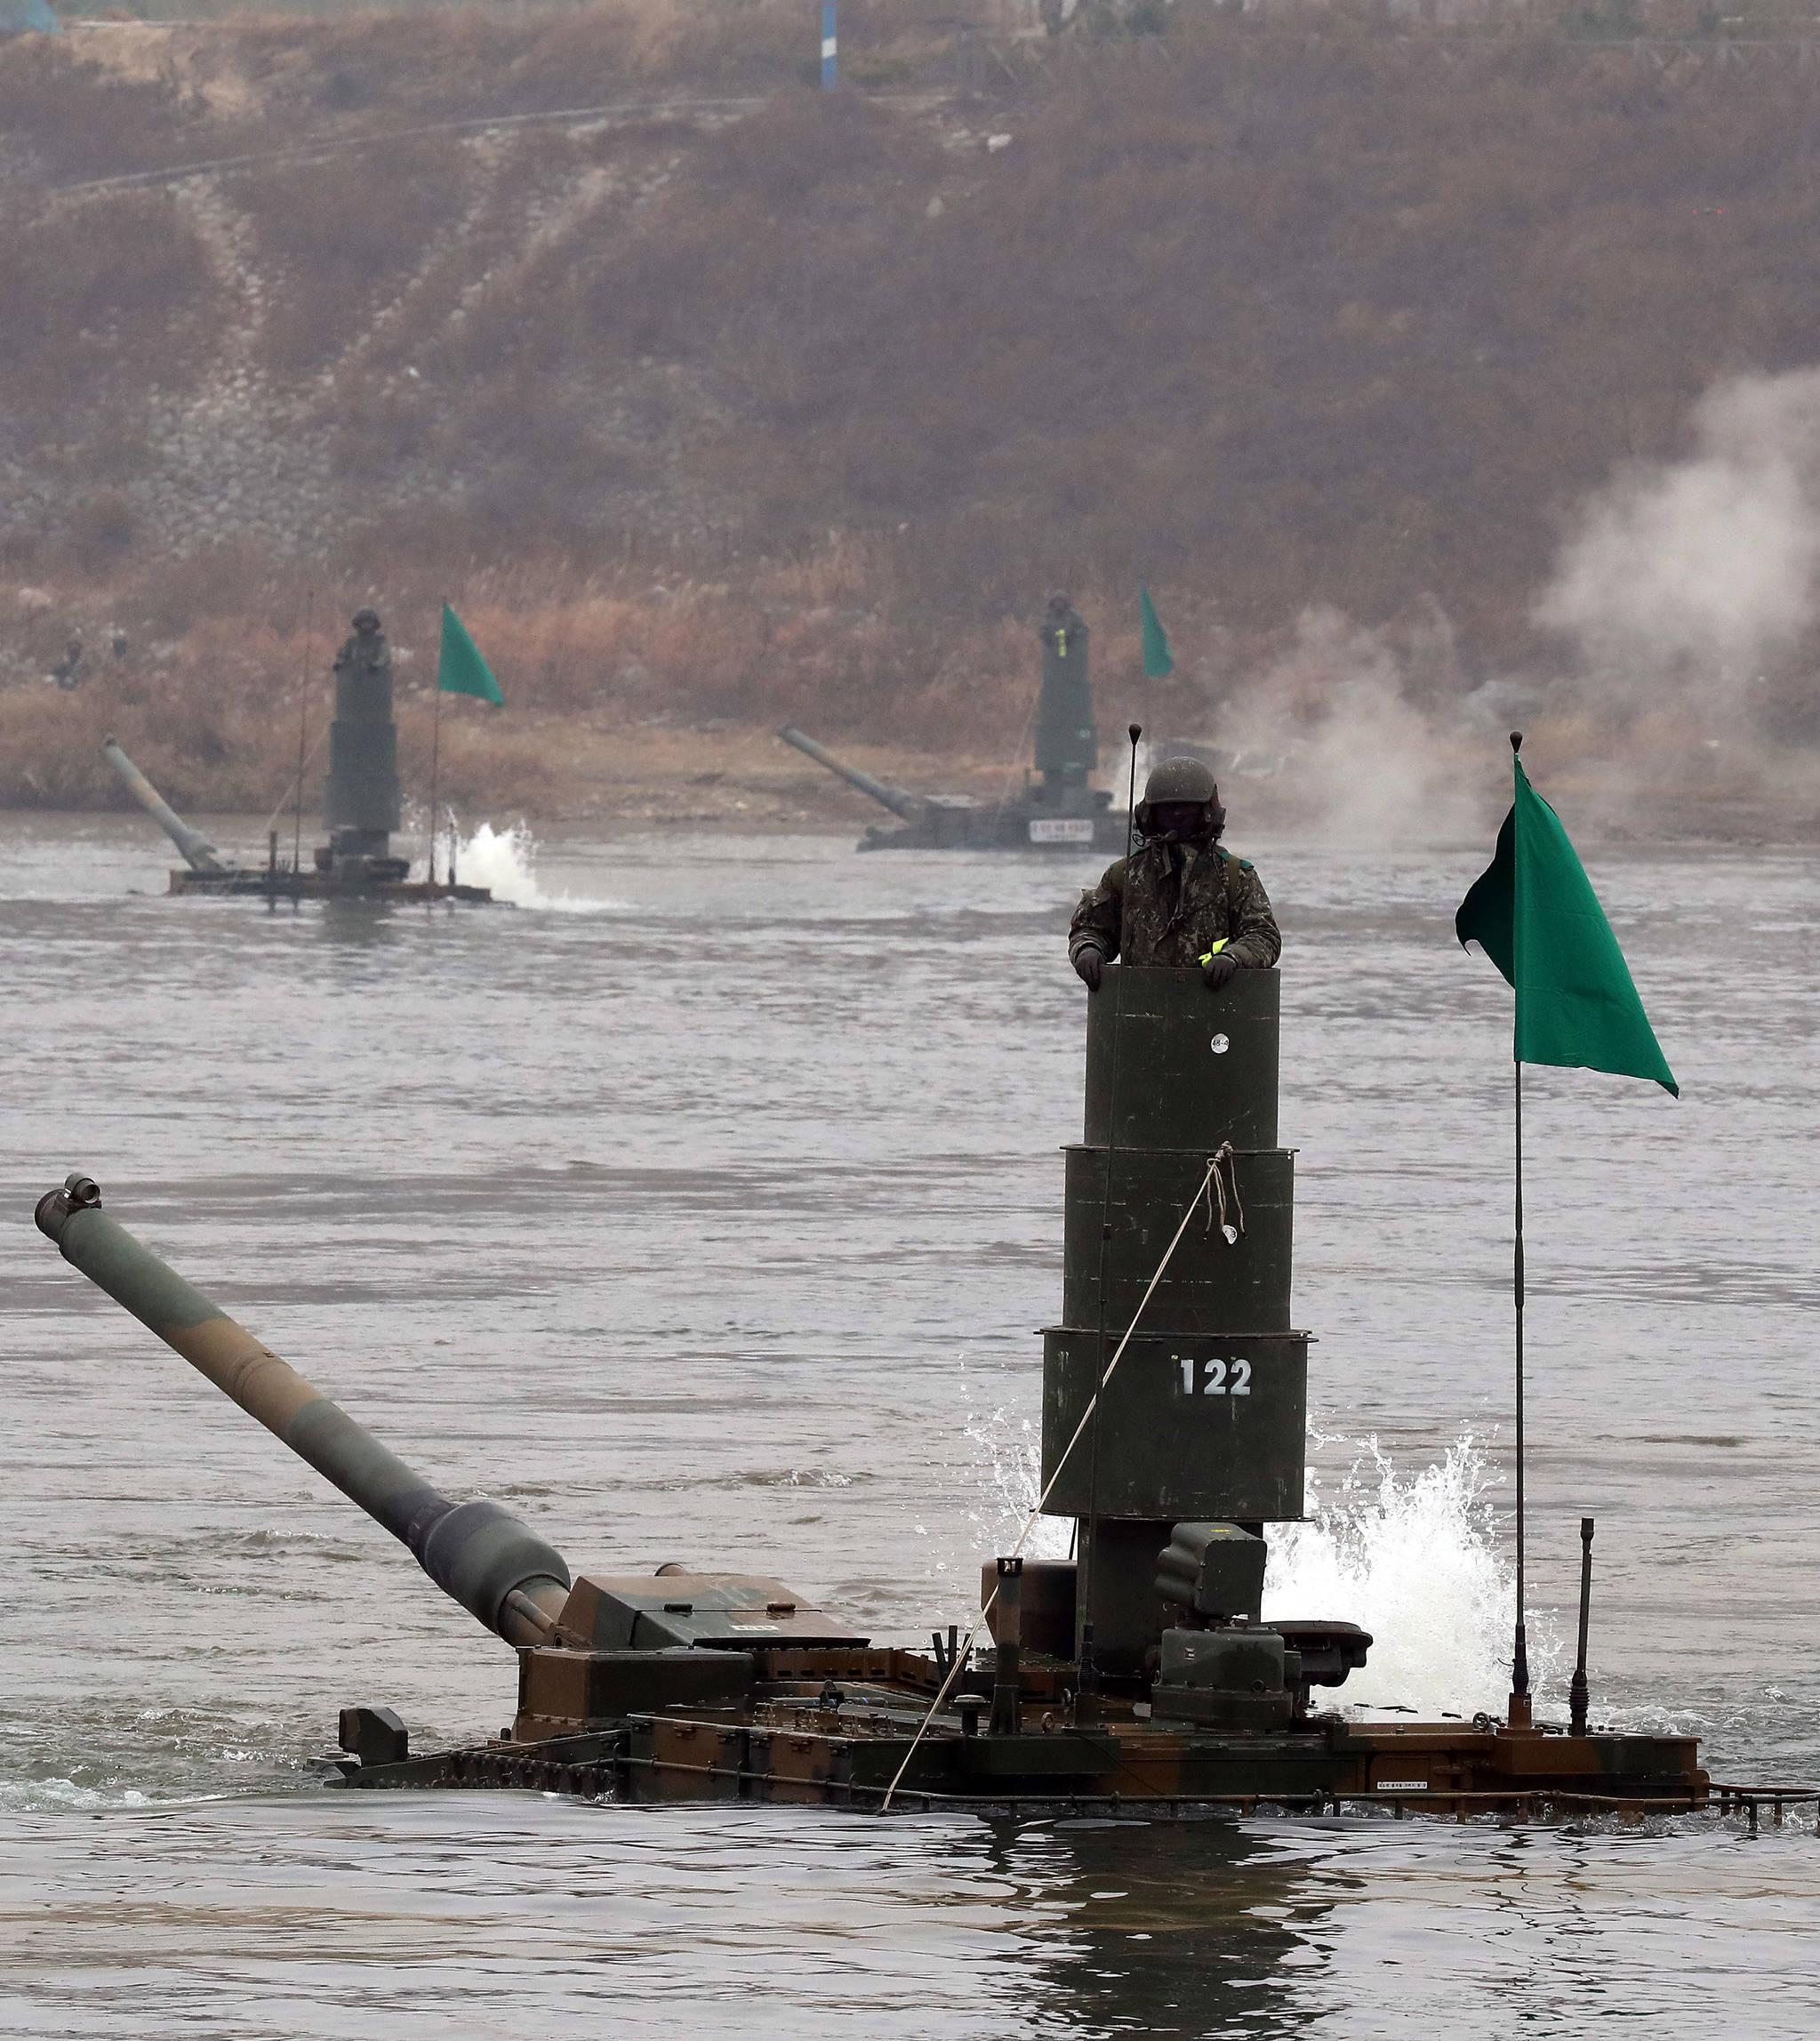 '육군 제20기계화보병사단 K2전차 잠수도하훈련'이 21일 오전 경기도 여주시 연양동 도하훈련장에서 실시됐다. K2 전차가 남한강을 잠수해 건너 육지로 올라오고 있다. 우상조 기자